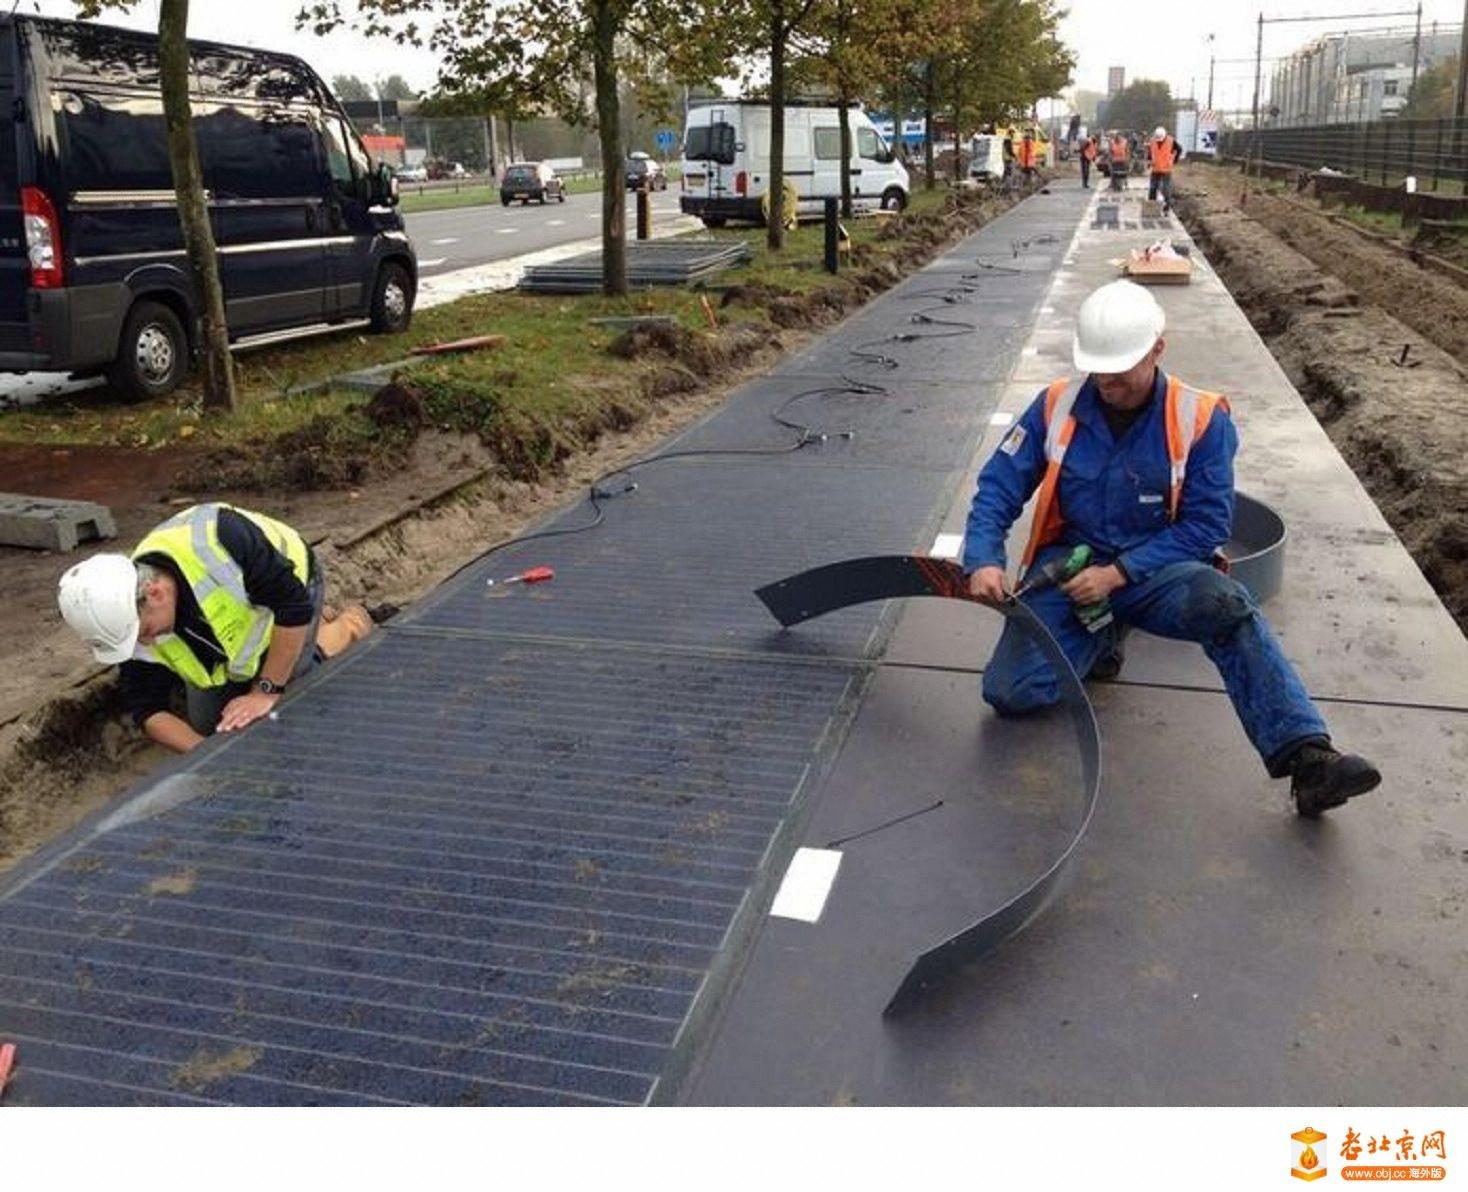 太阳能自行车道 Solar Bike Paths